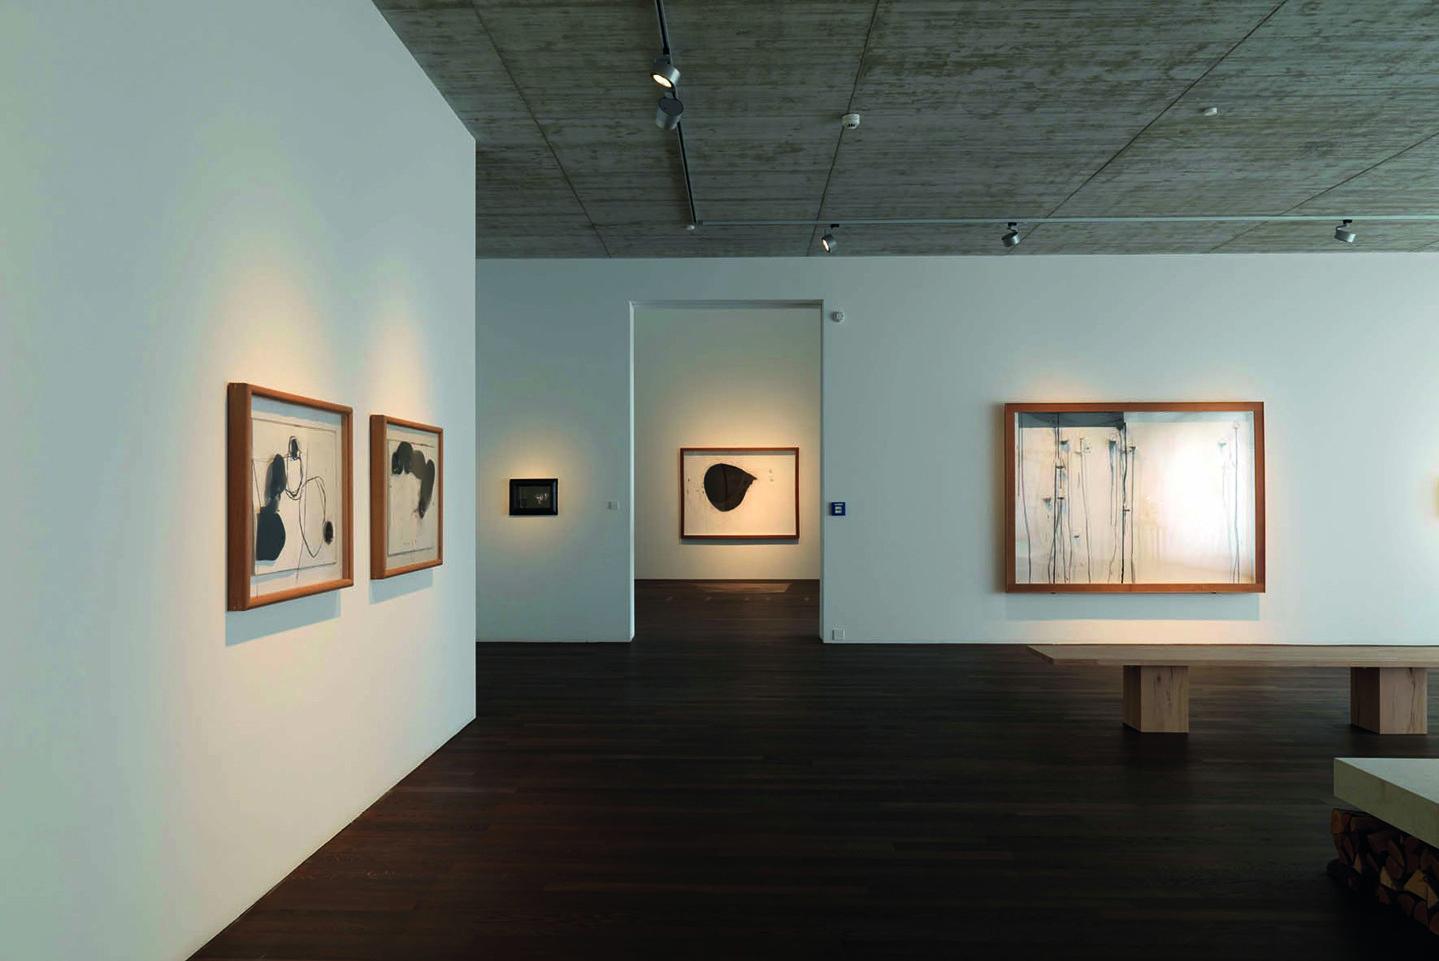 Jordi Alcaraz Installation View At Galerie Michael Haas, Berlin Gallery  Weekend, 2017 © Galerie Michael Haas, Berlin. Photo: Lea Gryze